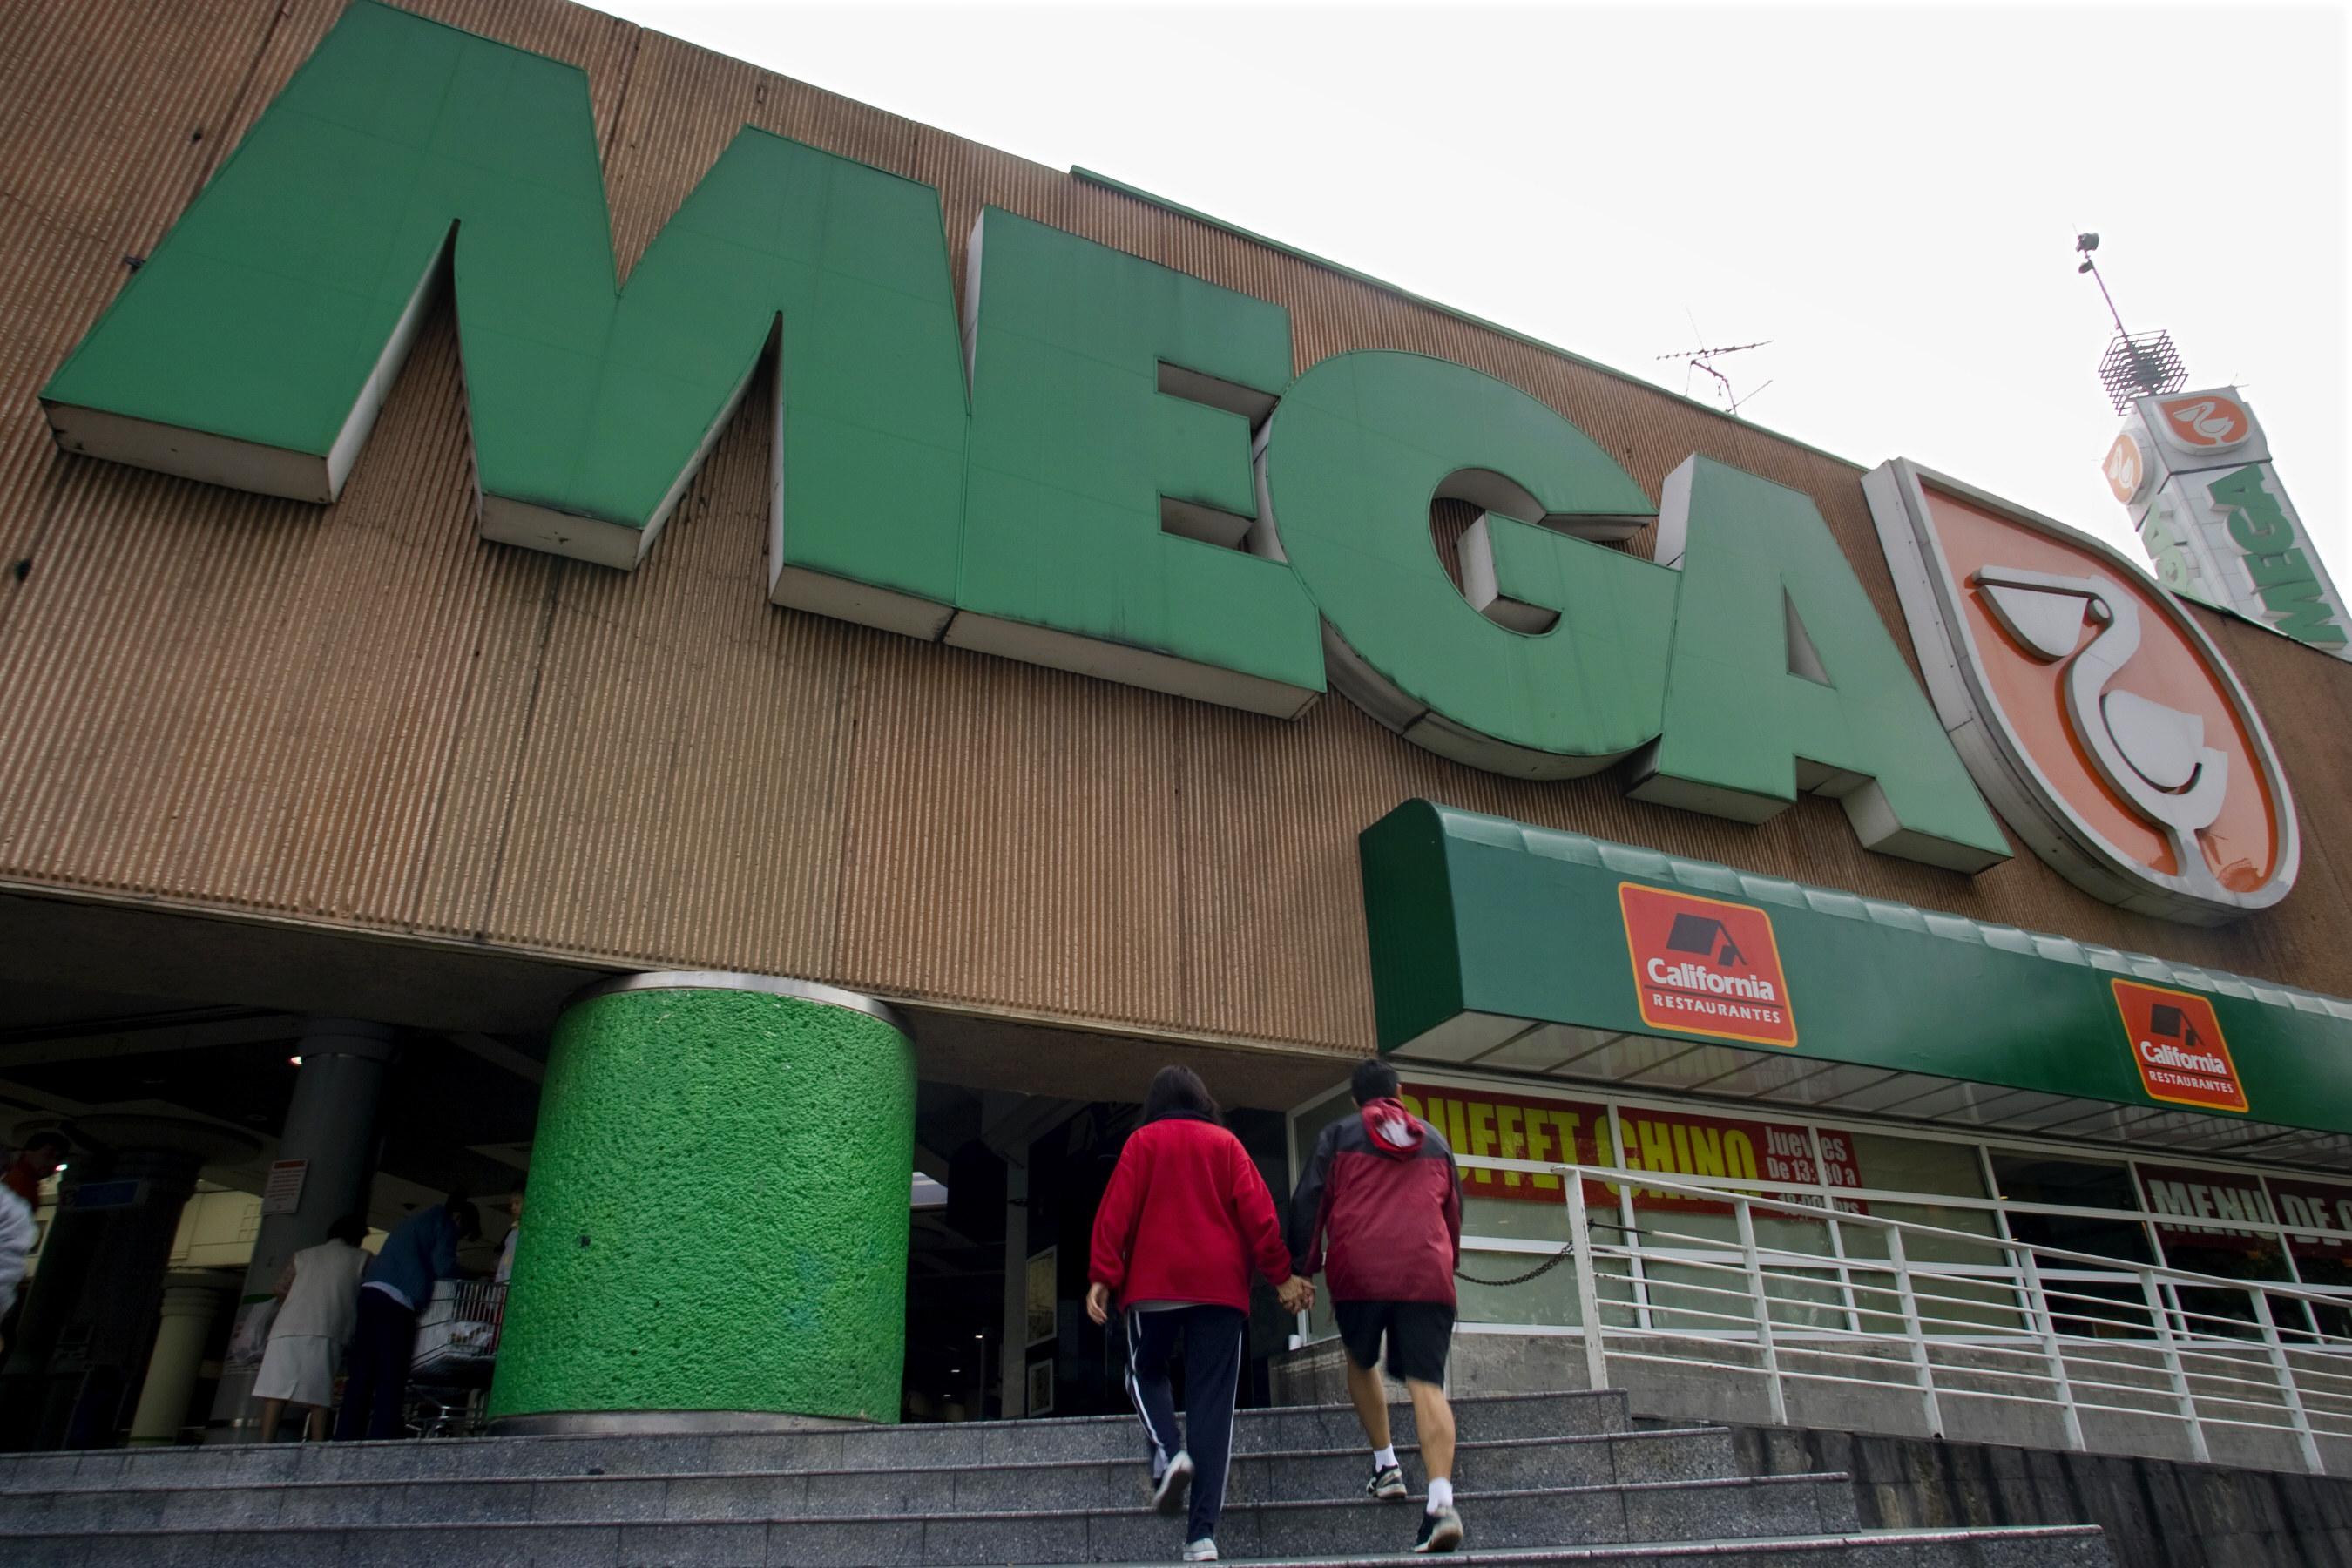 The exterior of a Mega supermarket